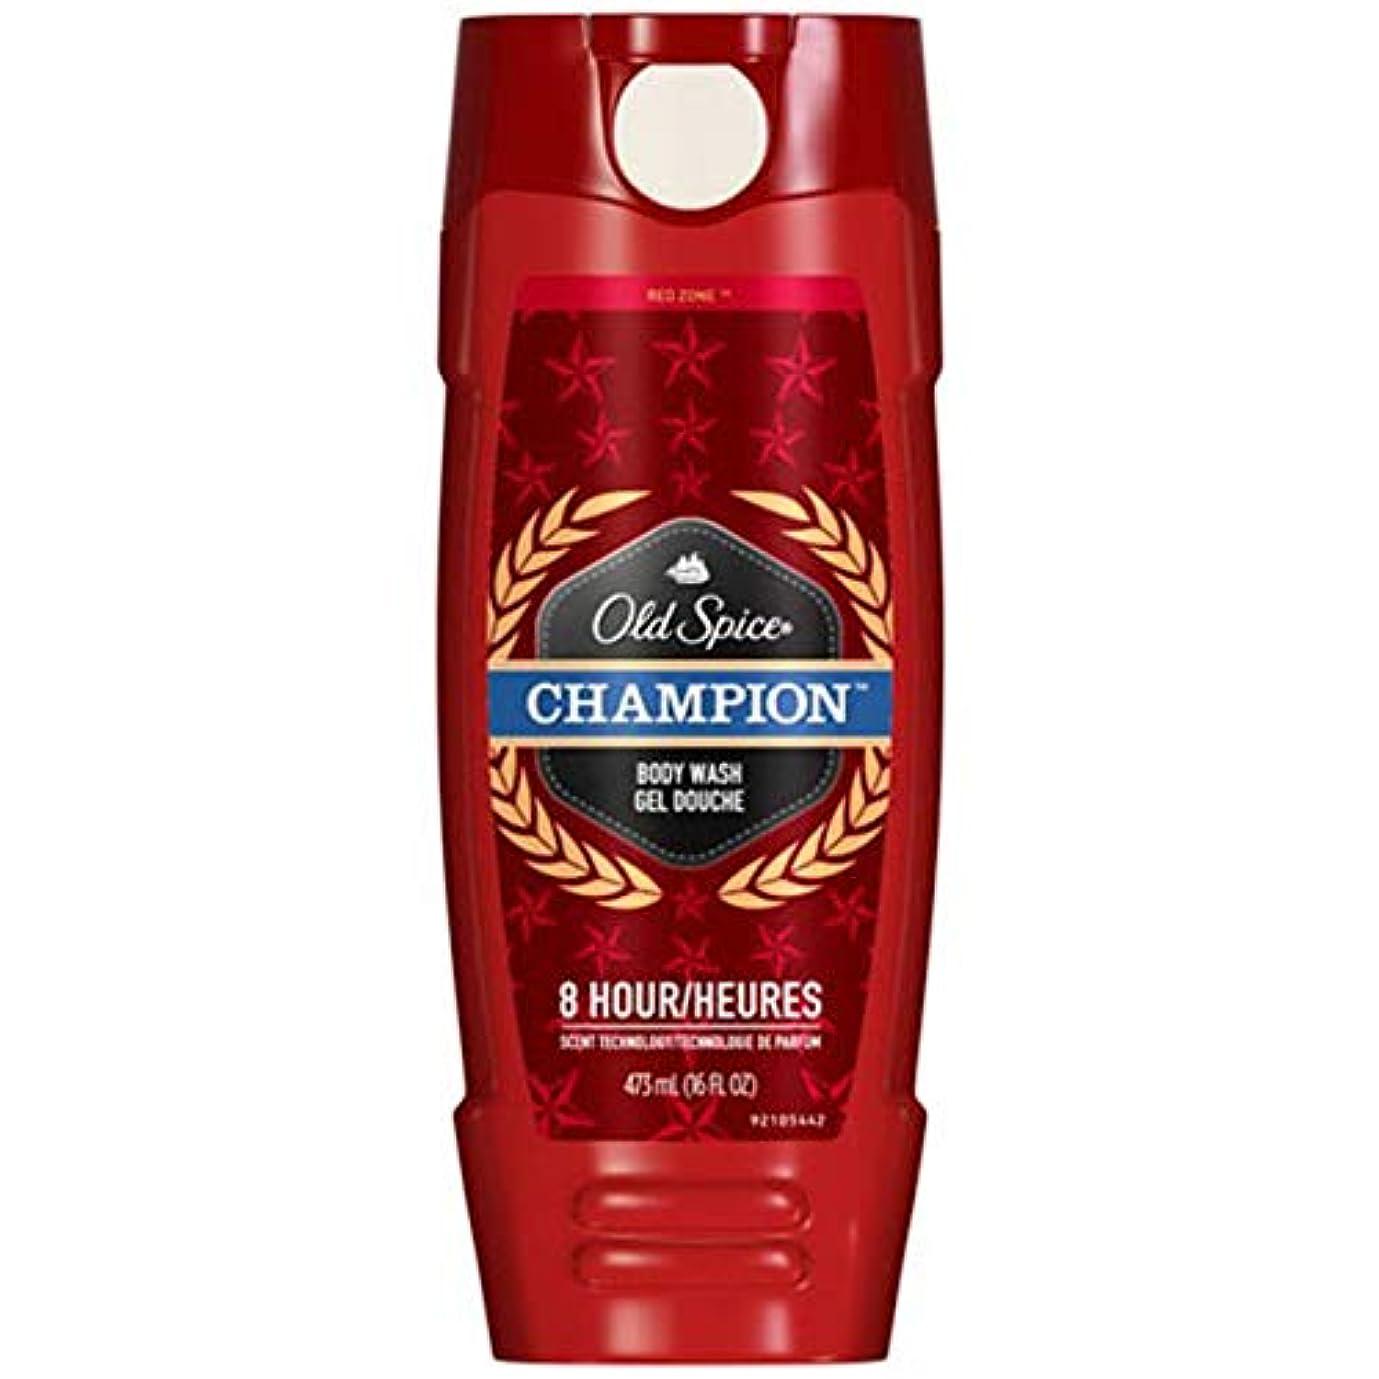 二反発する必要としているOld Spice オールドスパイス ボディーウォッシュジェル Red Zone Body Wash GEL 473ml 並行輸入品 (CHAMPION/チャンピオン) [並行輸入品]